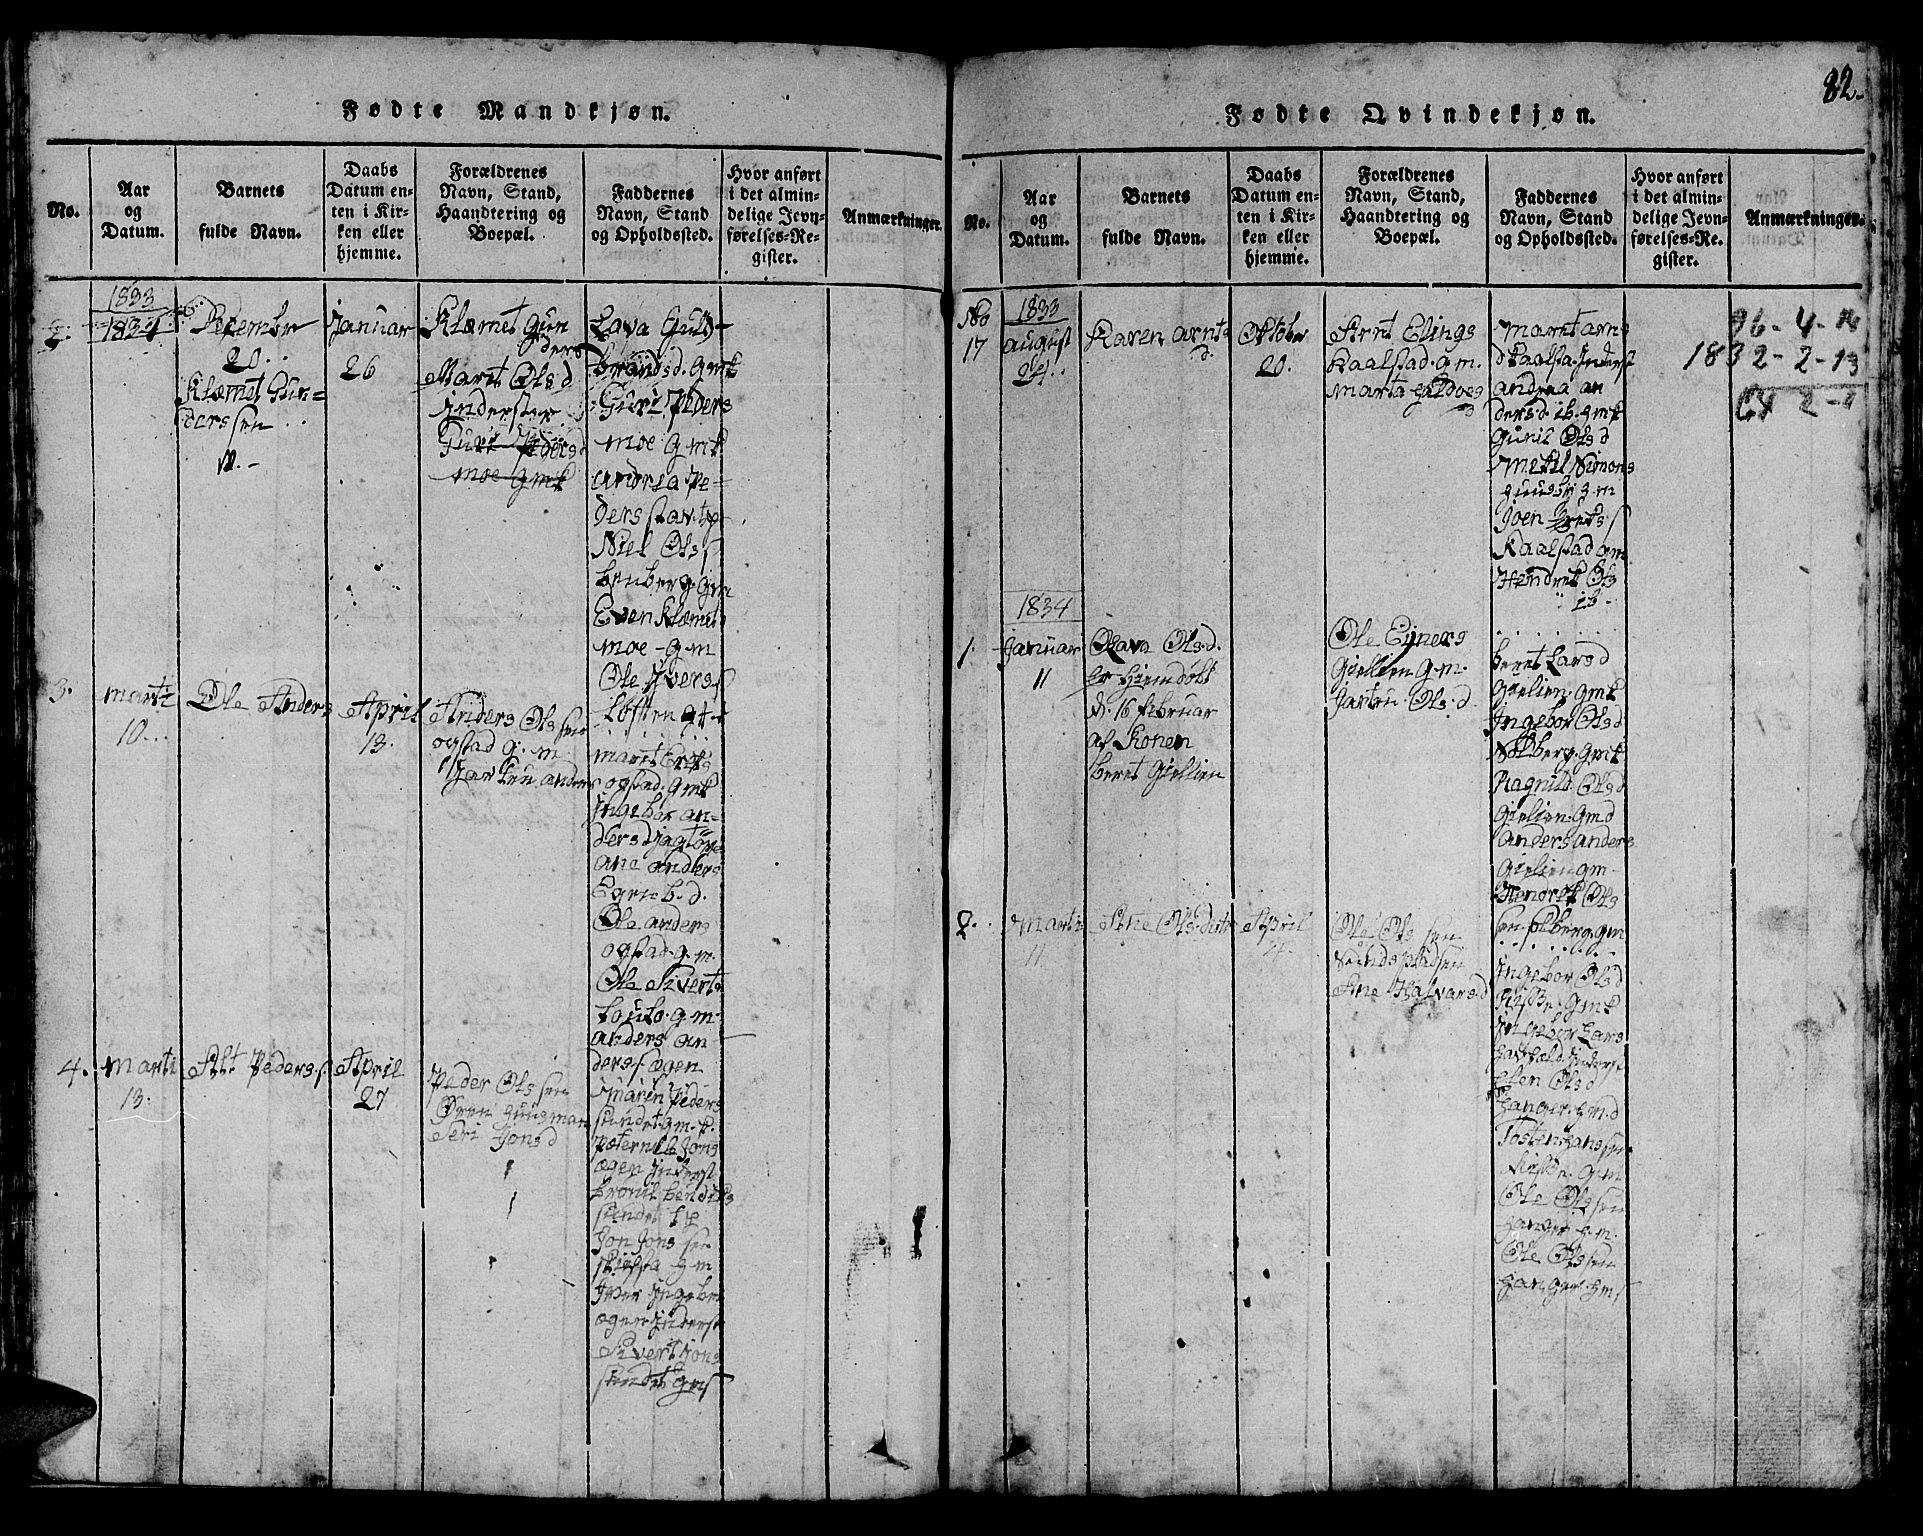 SAT, Ministerialprotokoller, klokkerbøker og fødselsregistre - Sør-Trøndelag, 613/L0393: Klokkerbok nr. 613C01, 1816-1886, s. 82